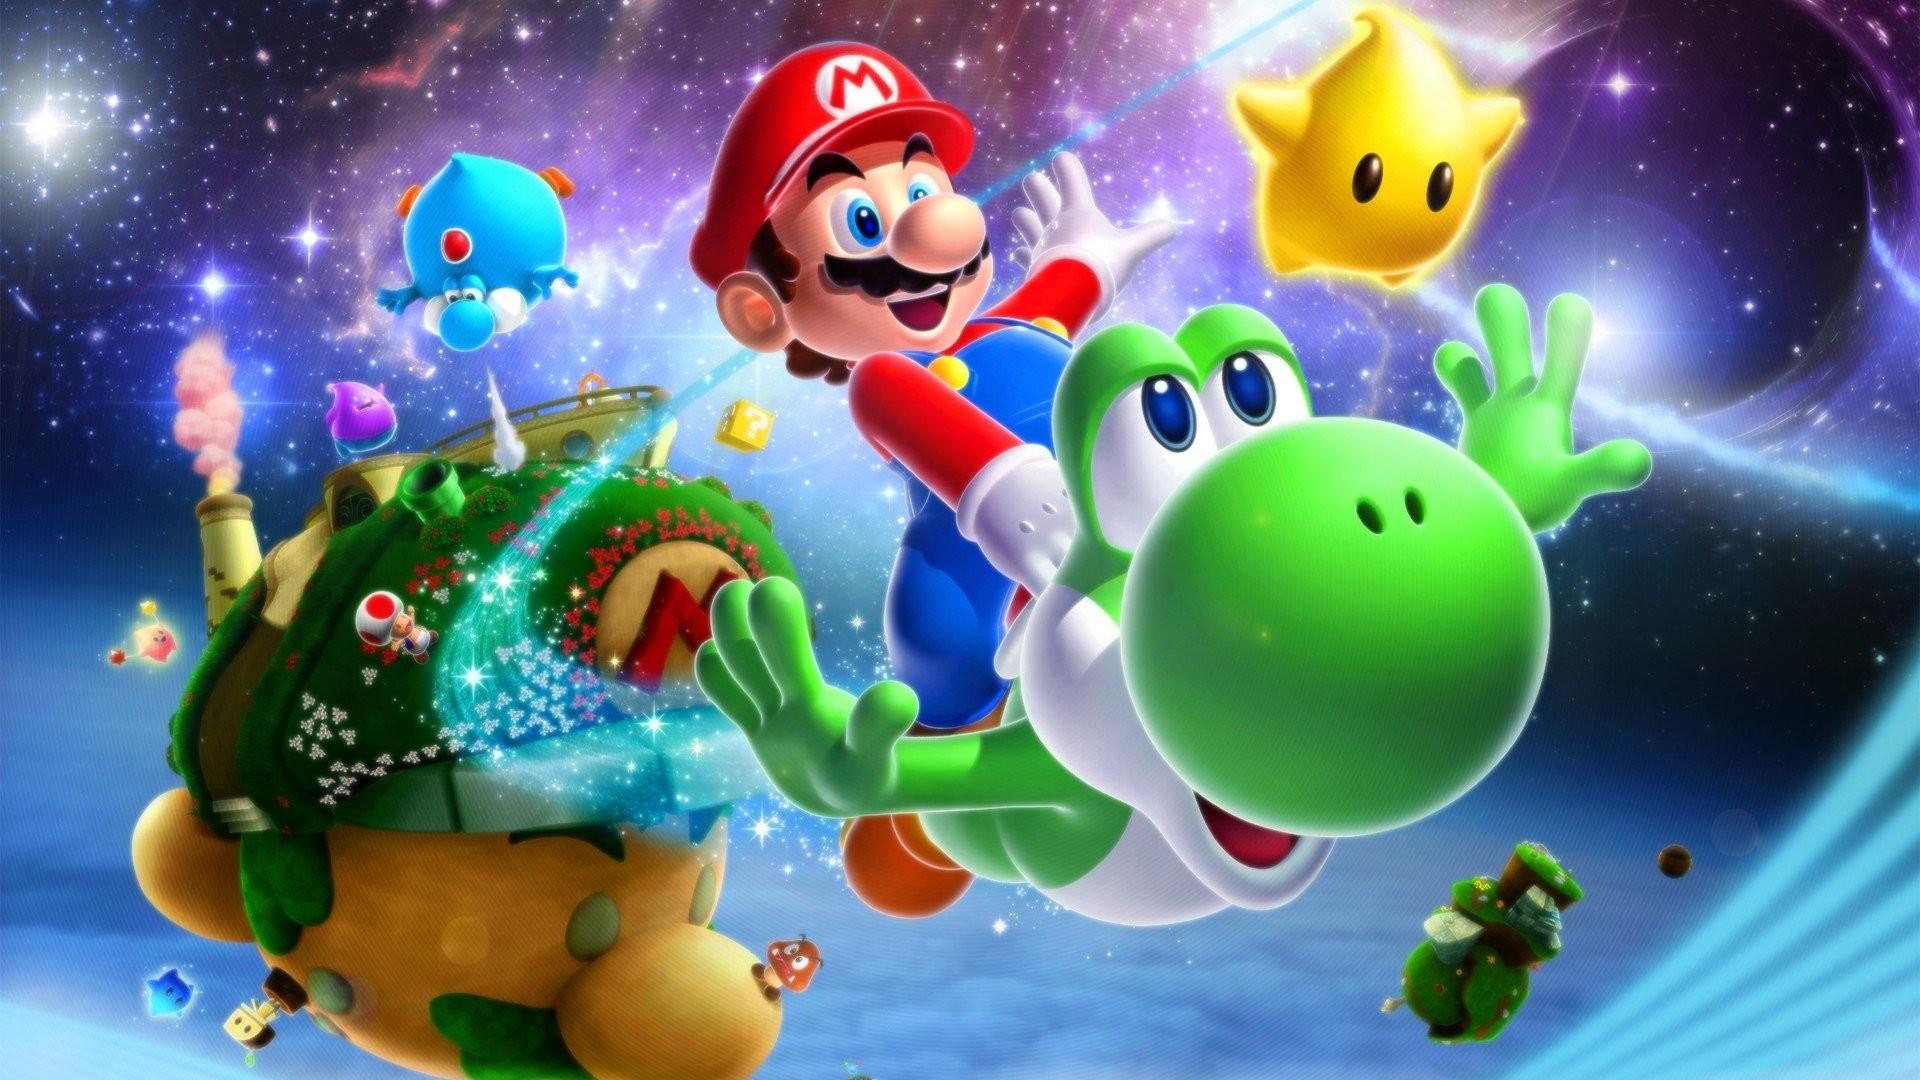 Super Cars Wallpapers Hd Download Super Mario Galaxy 2 Wallpaper Hd 77 Images